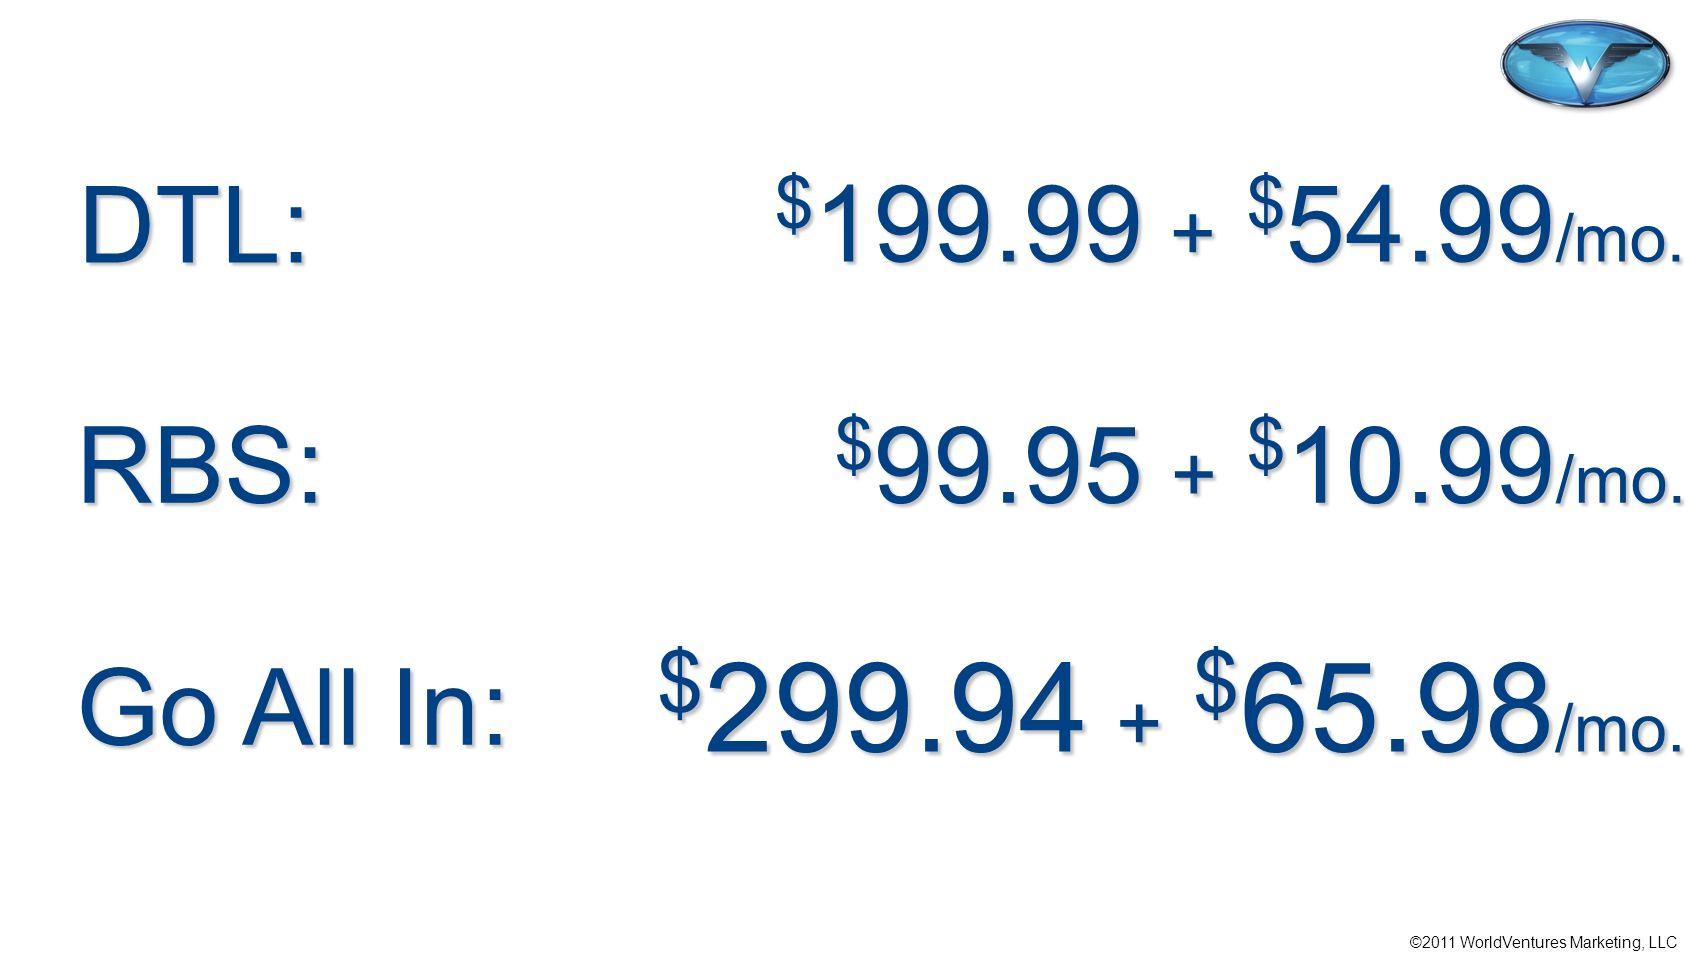 $299.94 + $65.98/mo. DTL: $199.99 + $54.99/mo. RBS: